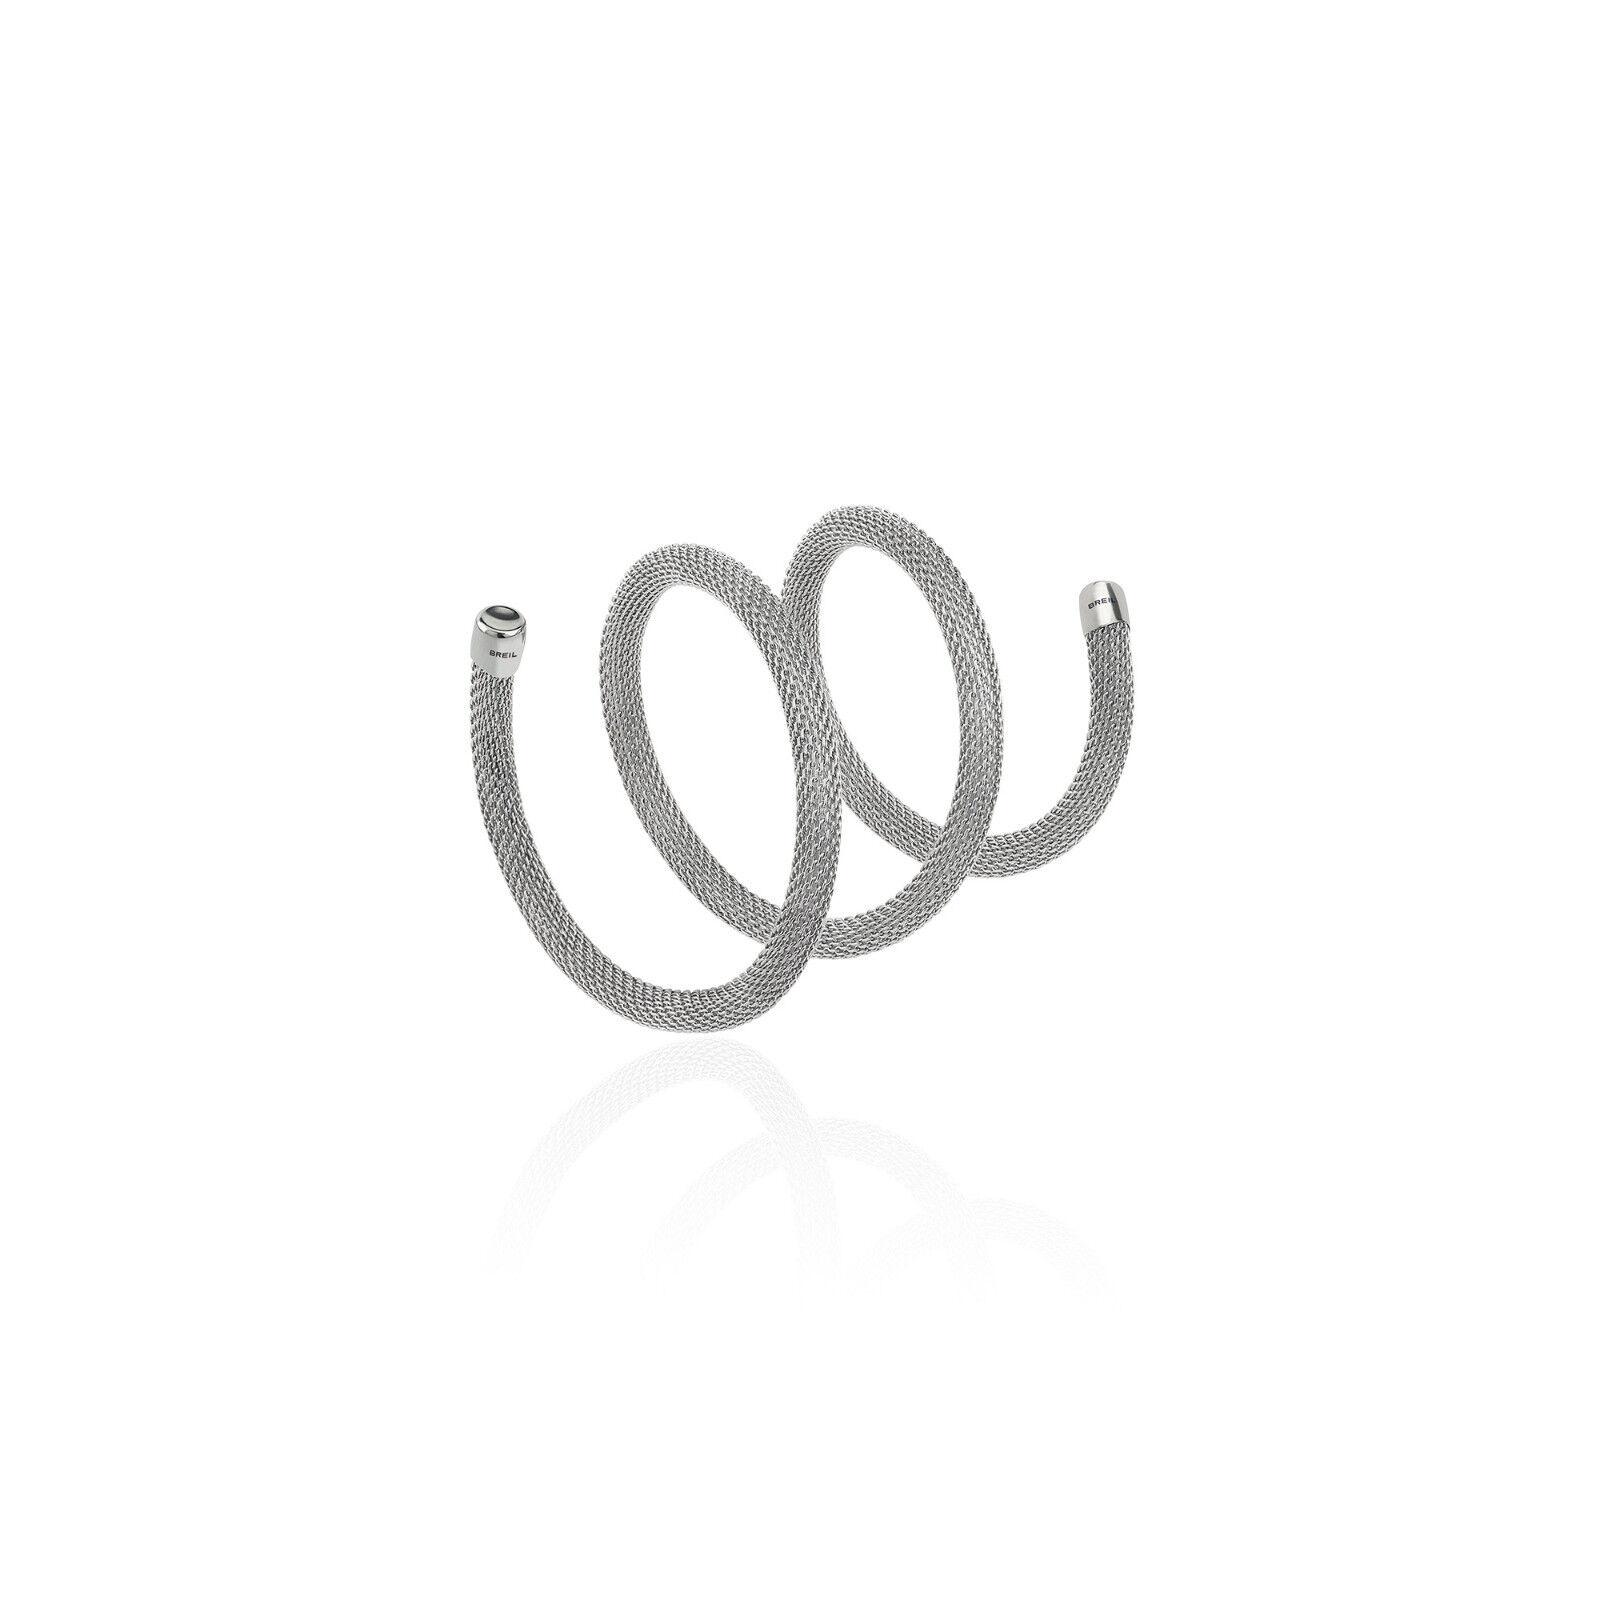 Collana Bracciale Breil New Snake acciaio lucido modellabile cm.50 Ref. TJ2711